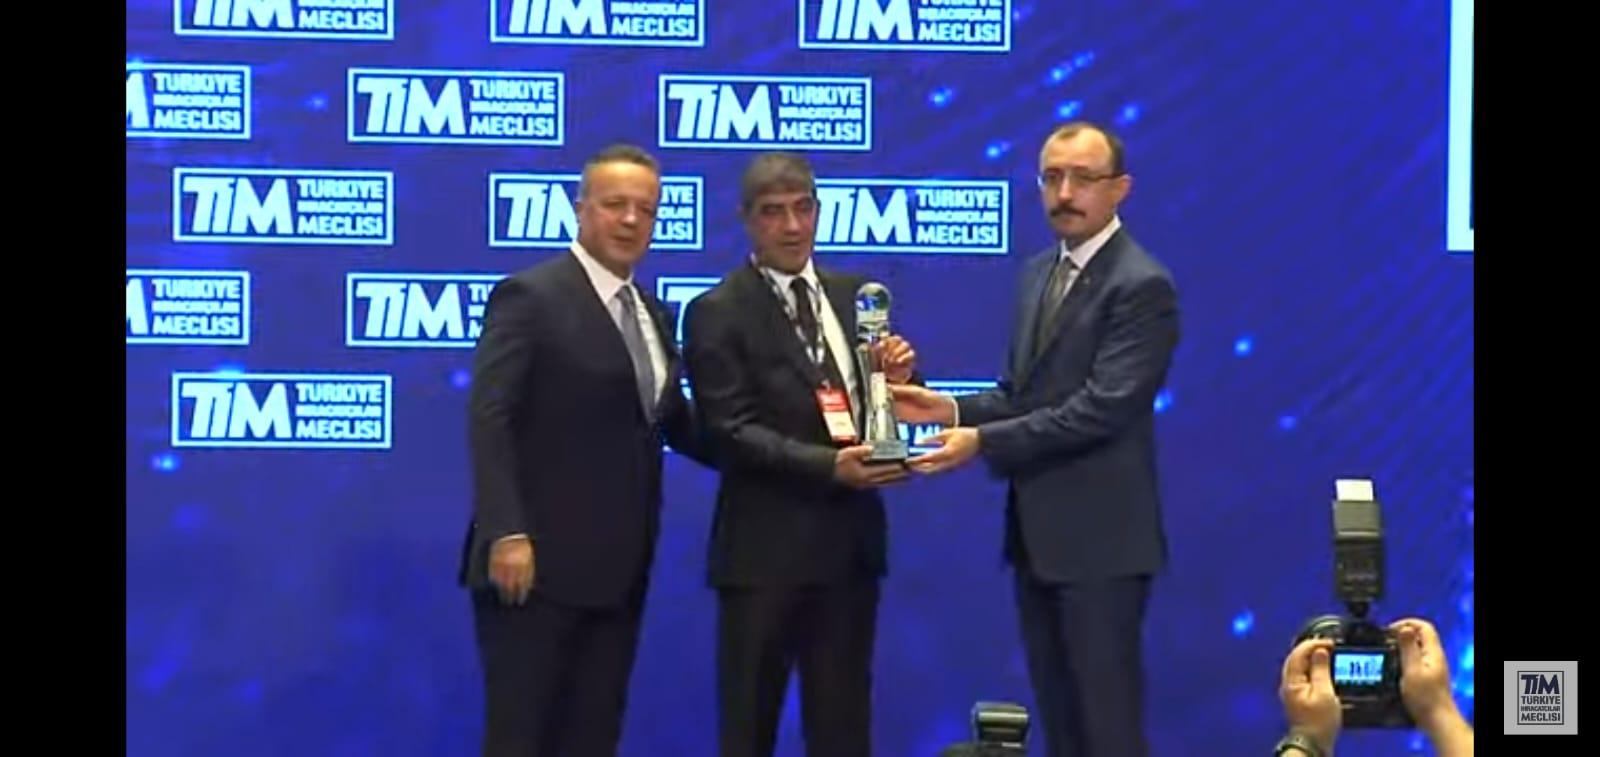 Uçak Kardeşler Zirveyi Bırakmayarak Türkiye ihracat şampiyonu oldu